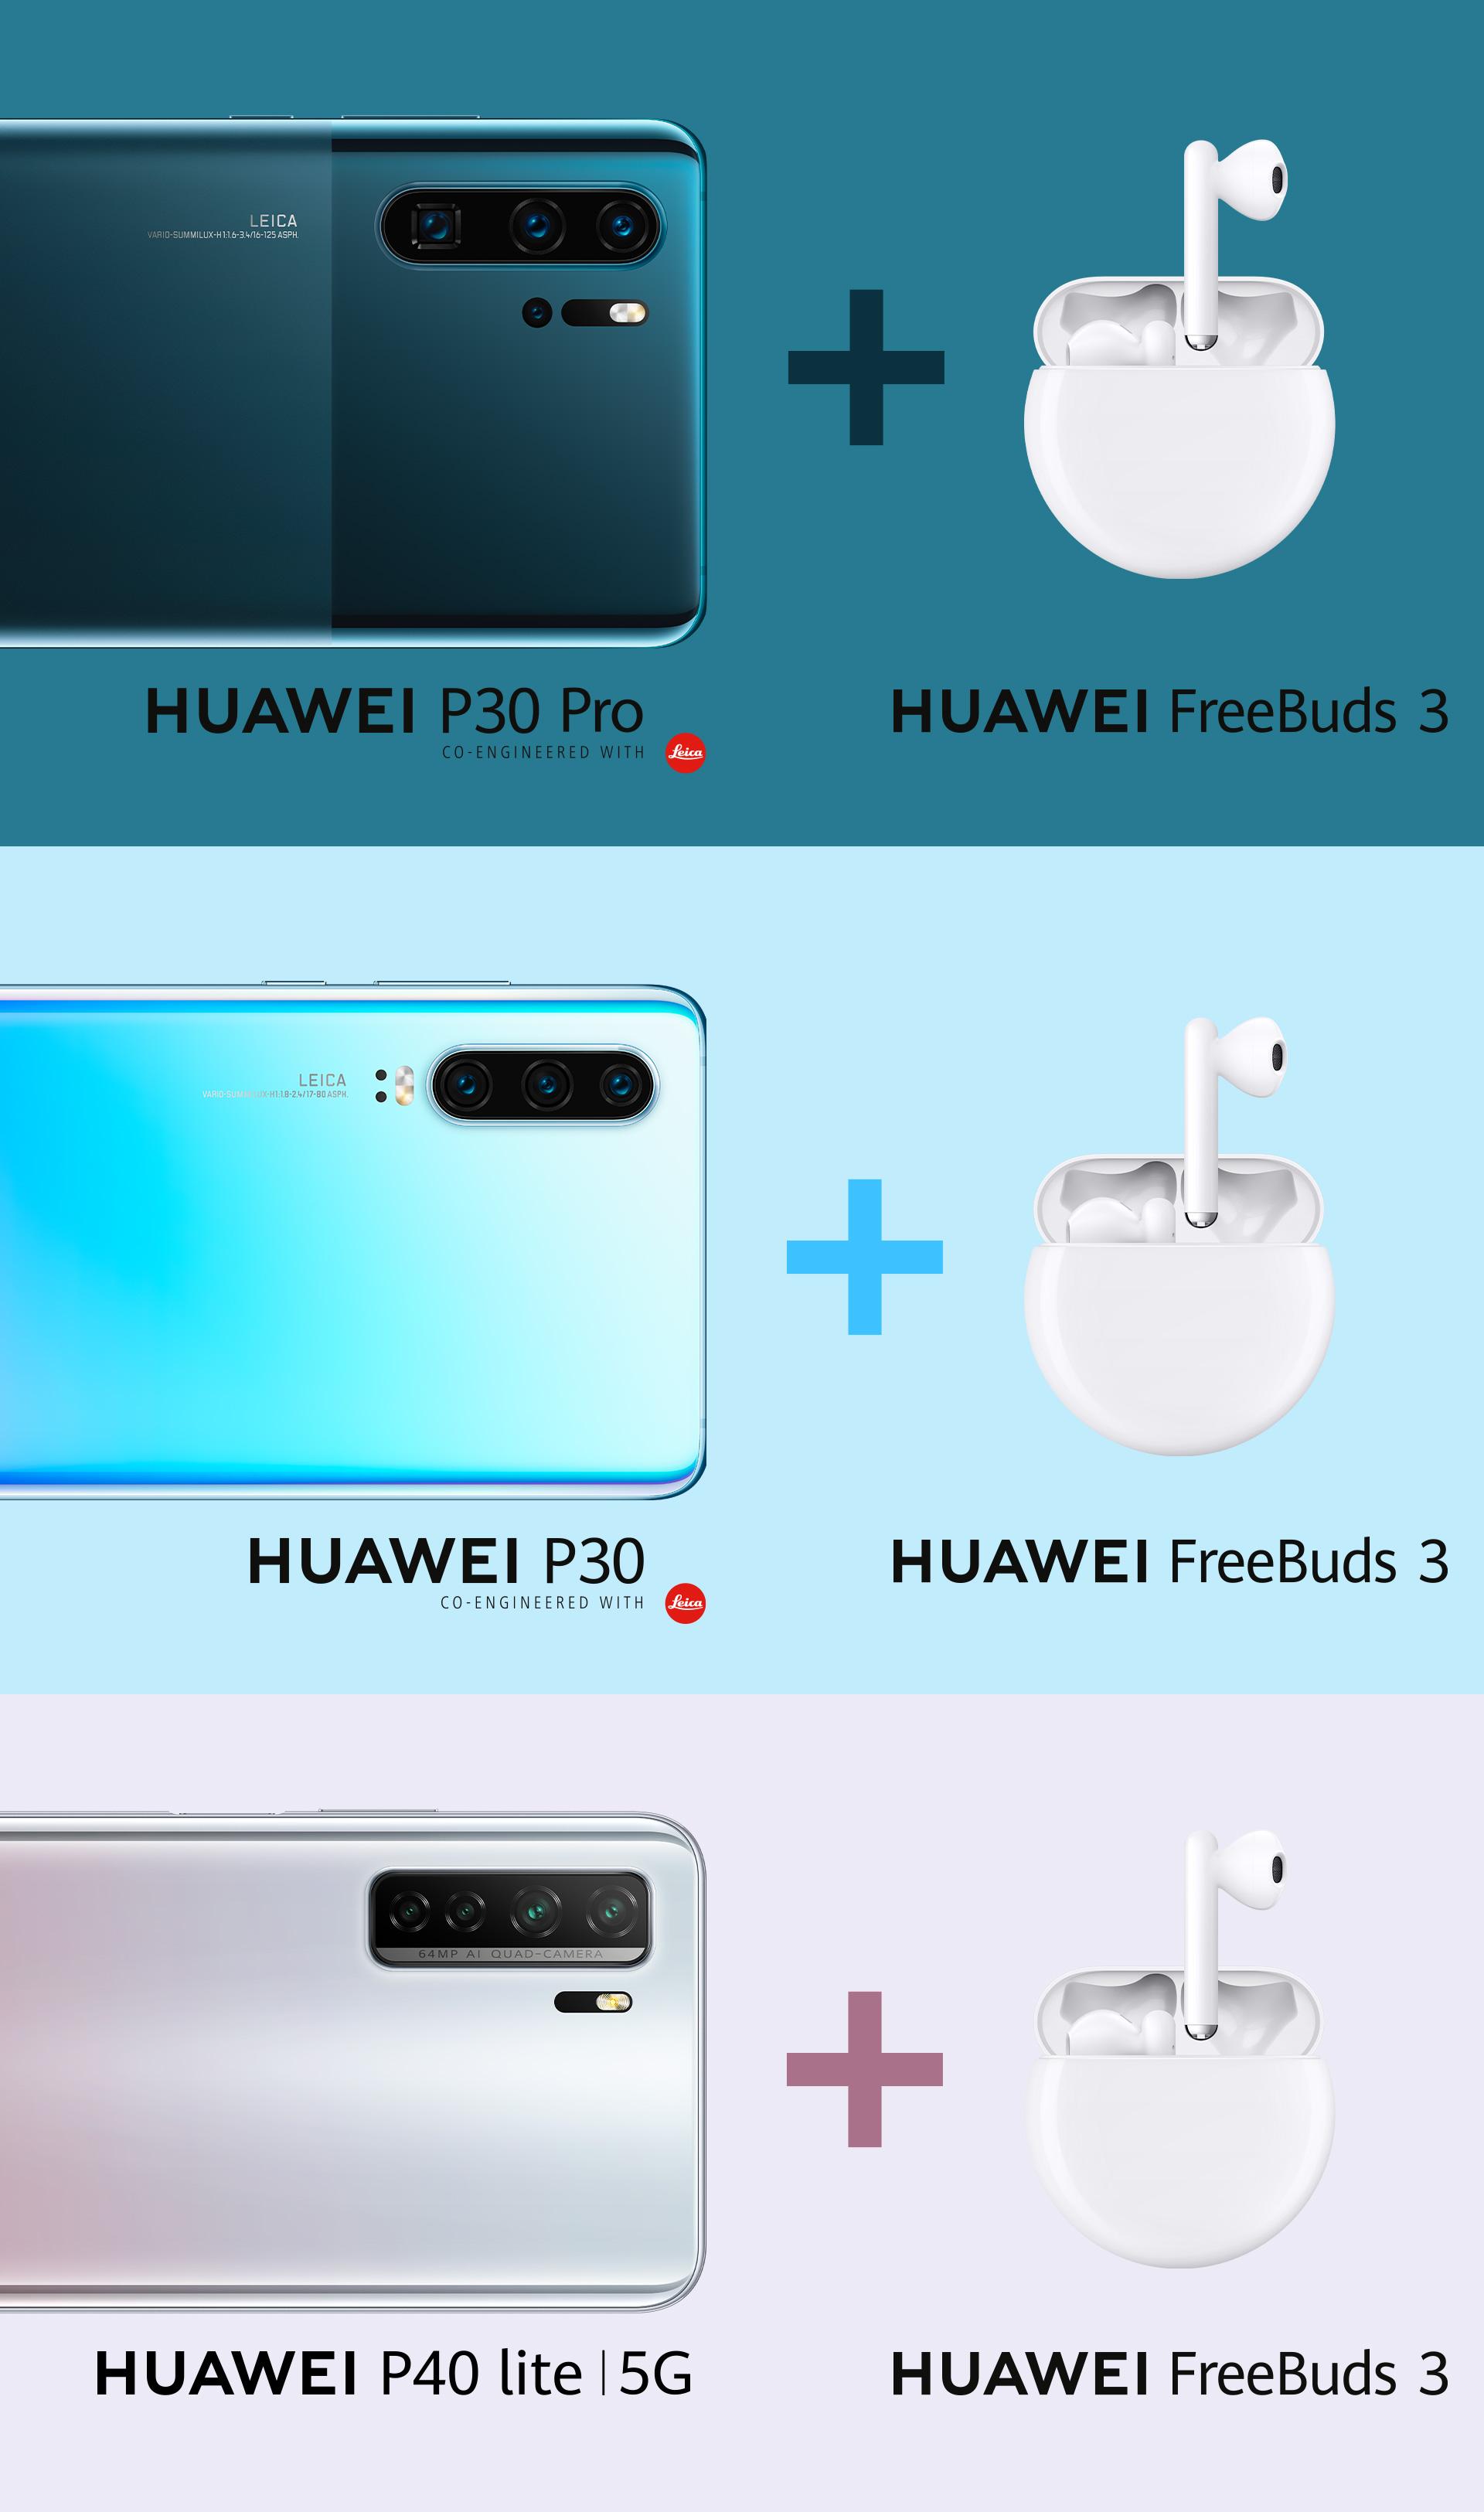 HUAWEI P30 Pro mit FreeBuds 3 und HUAWEI P30 mit FreeBuds 3 und HUAWEI P40 lite 5G mit FreeBuds 3